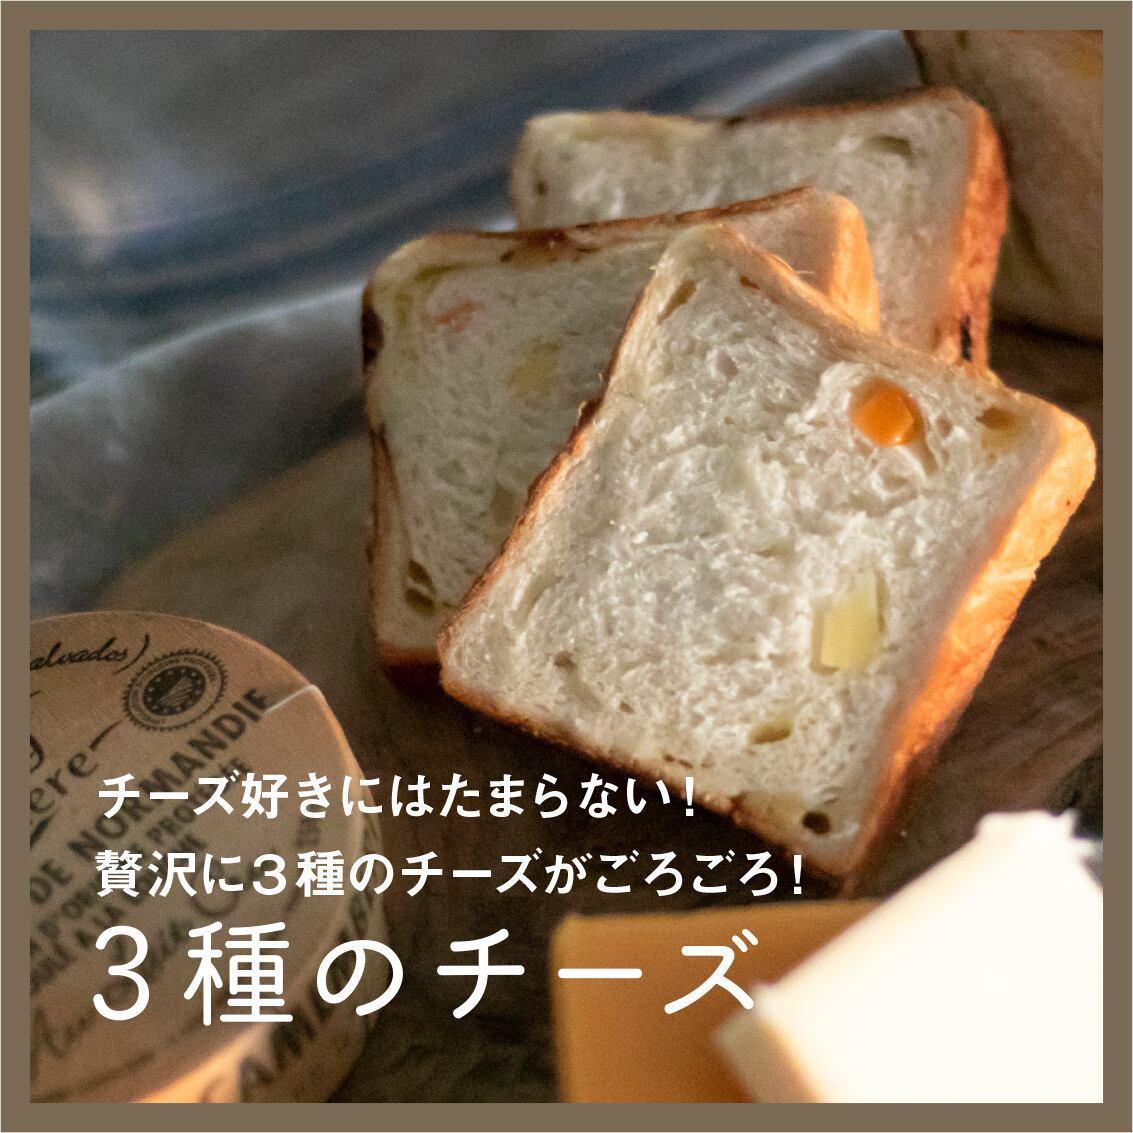 デニッシュブレッド[3種のチーズ]